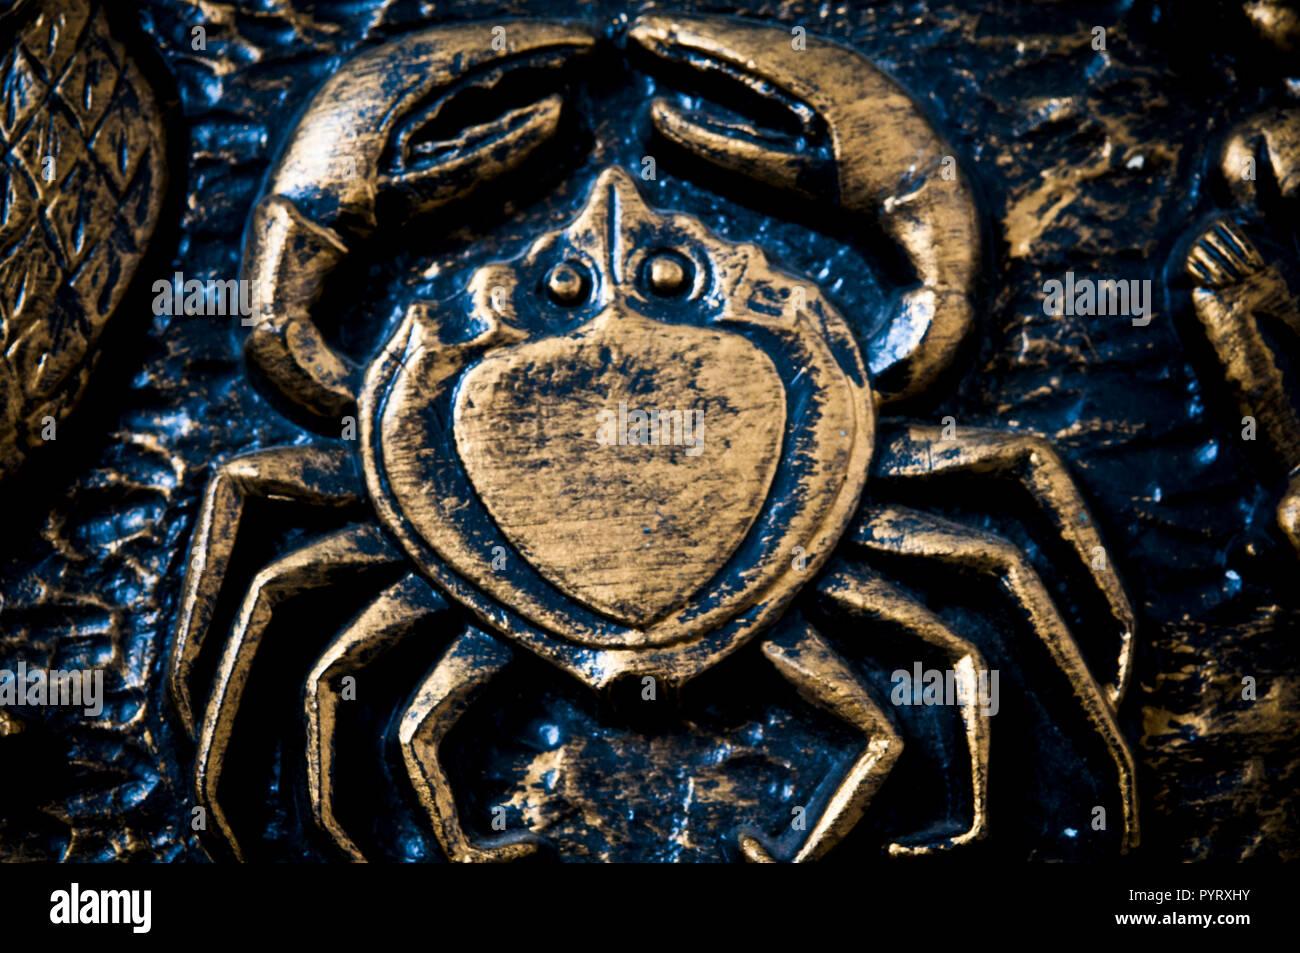 Détail de représentation artistique du signe astrologique du Cancer à partir d'une plaque d'antiquités Photo Stock